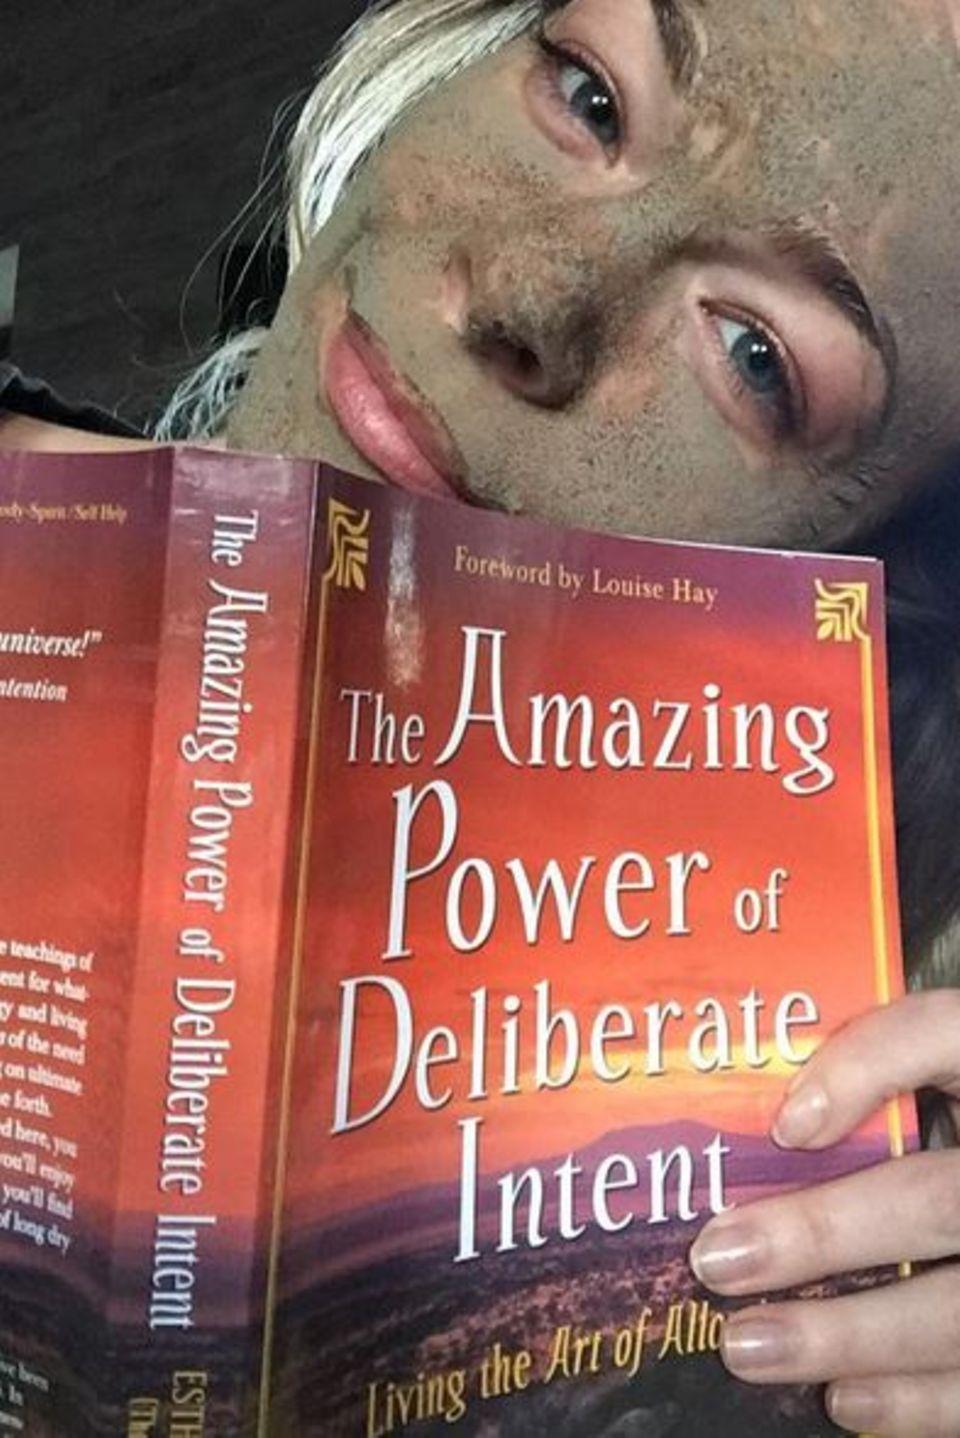 """Der perfekte Sonntag gestaltet sich für Country Sängerin LeAnn Rimes mit einer Maske im Gesicht und einer guten Lektüre wie """"The amazing Power of delibarete Intent"""", die erstaunliche Macht des Voratzes."""